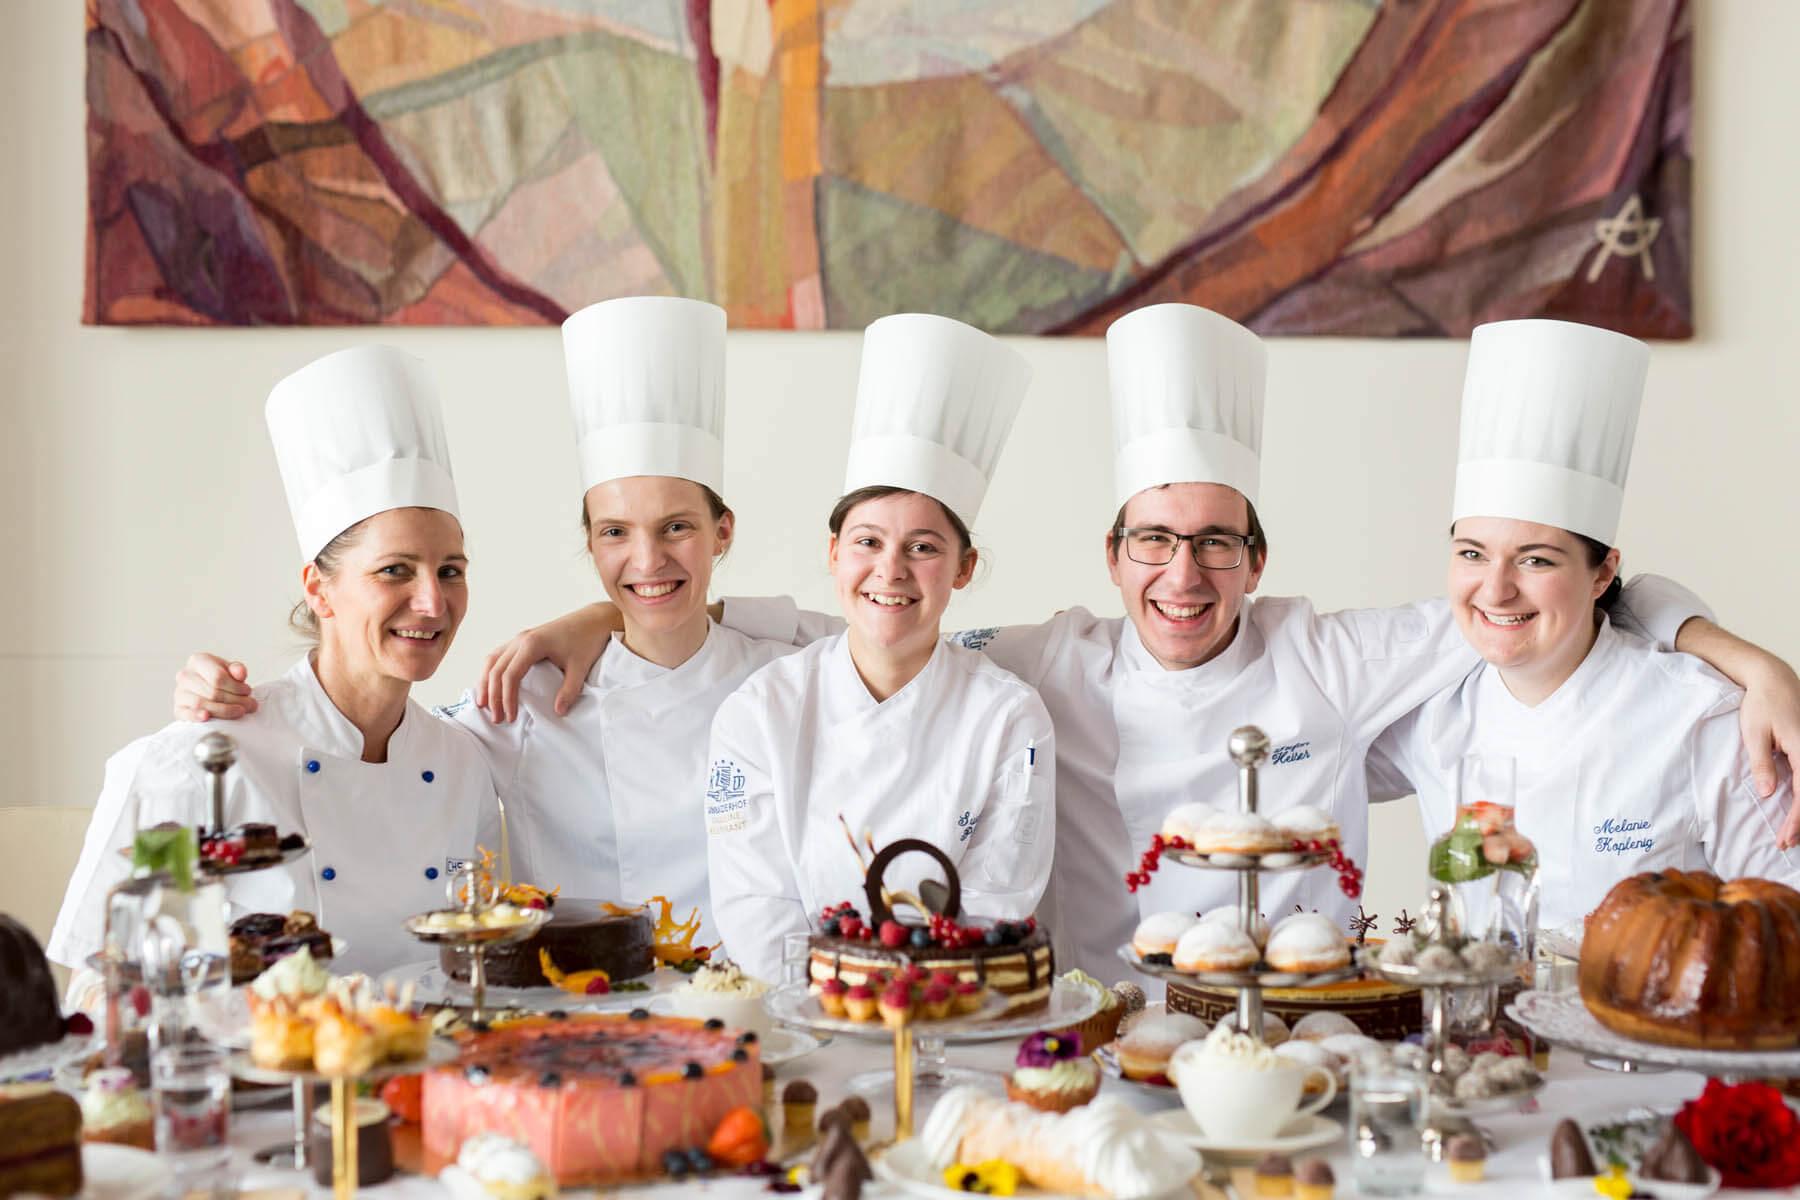 Cafe Konditorei Warmbaderhof in Villach, Kärnten / Food-Fotografen